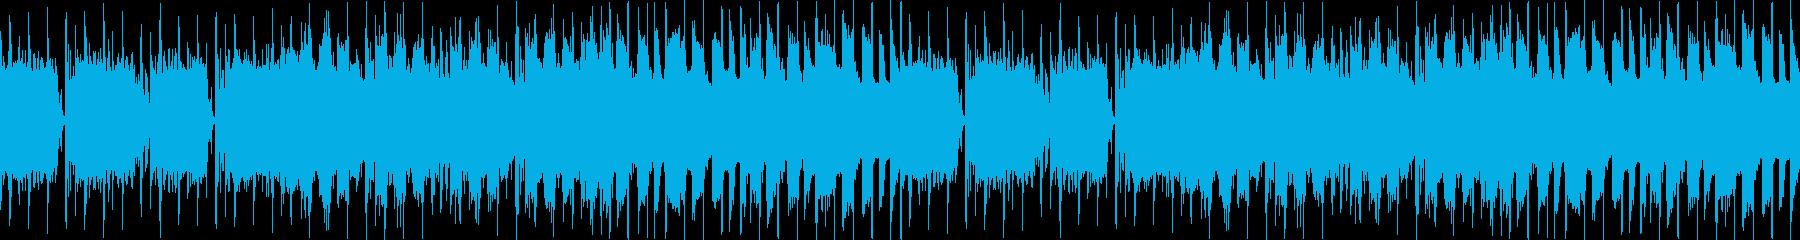 パワフル激しいYouTubeオープニングの再生済みの波形